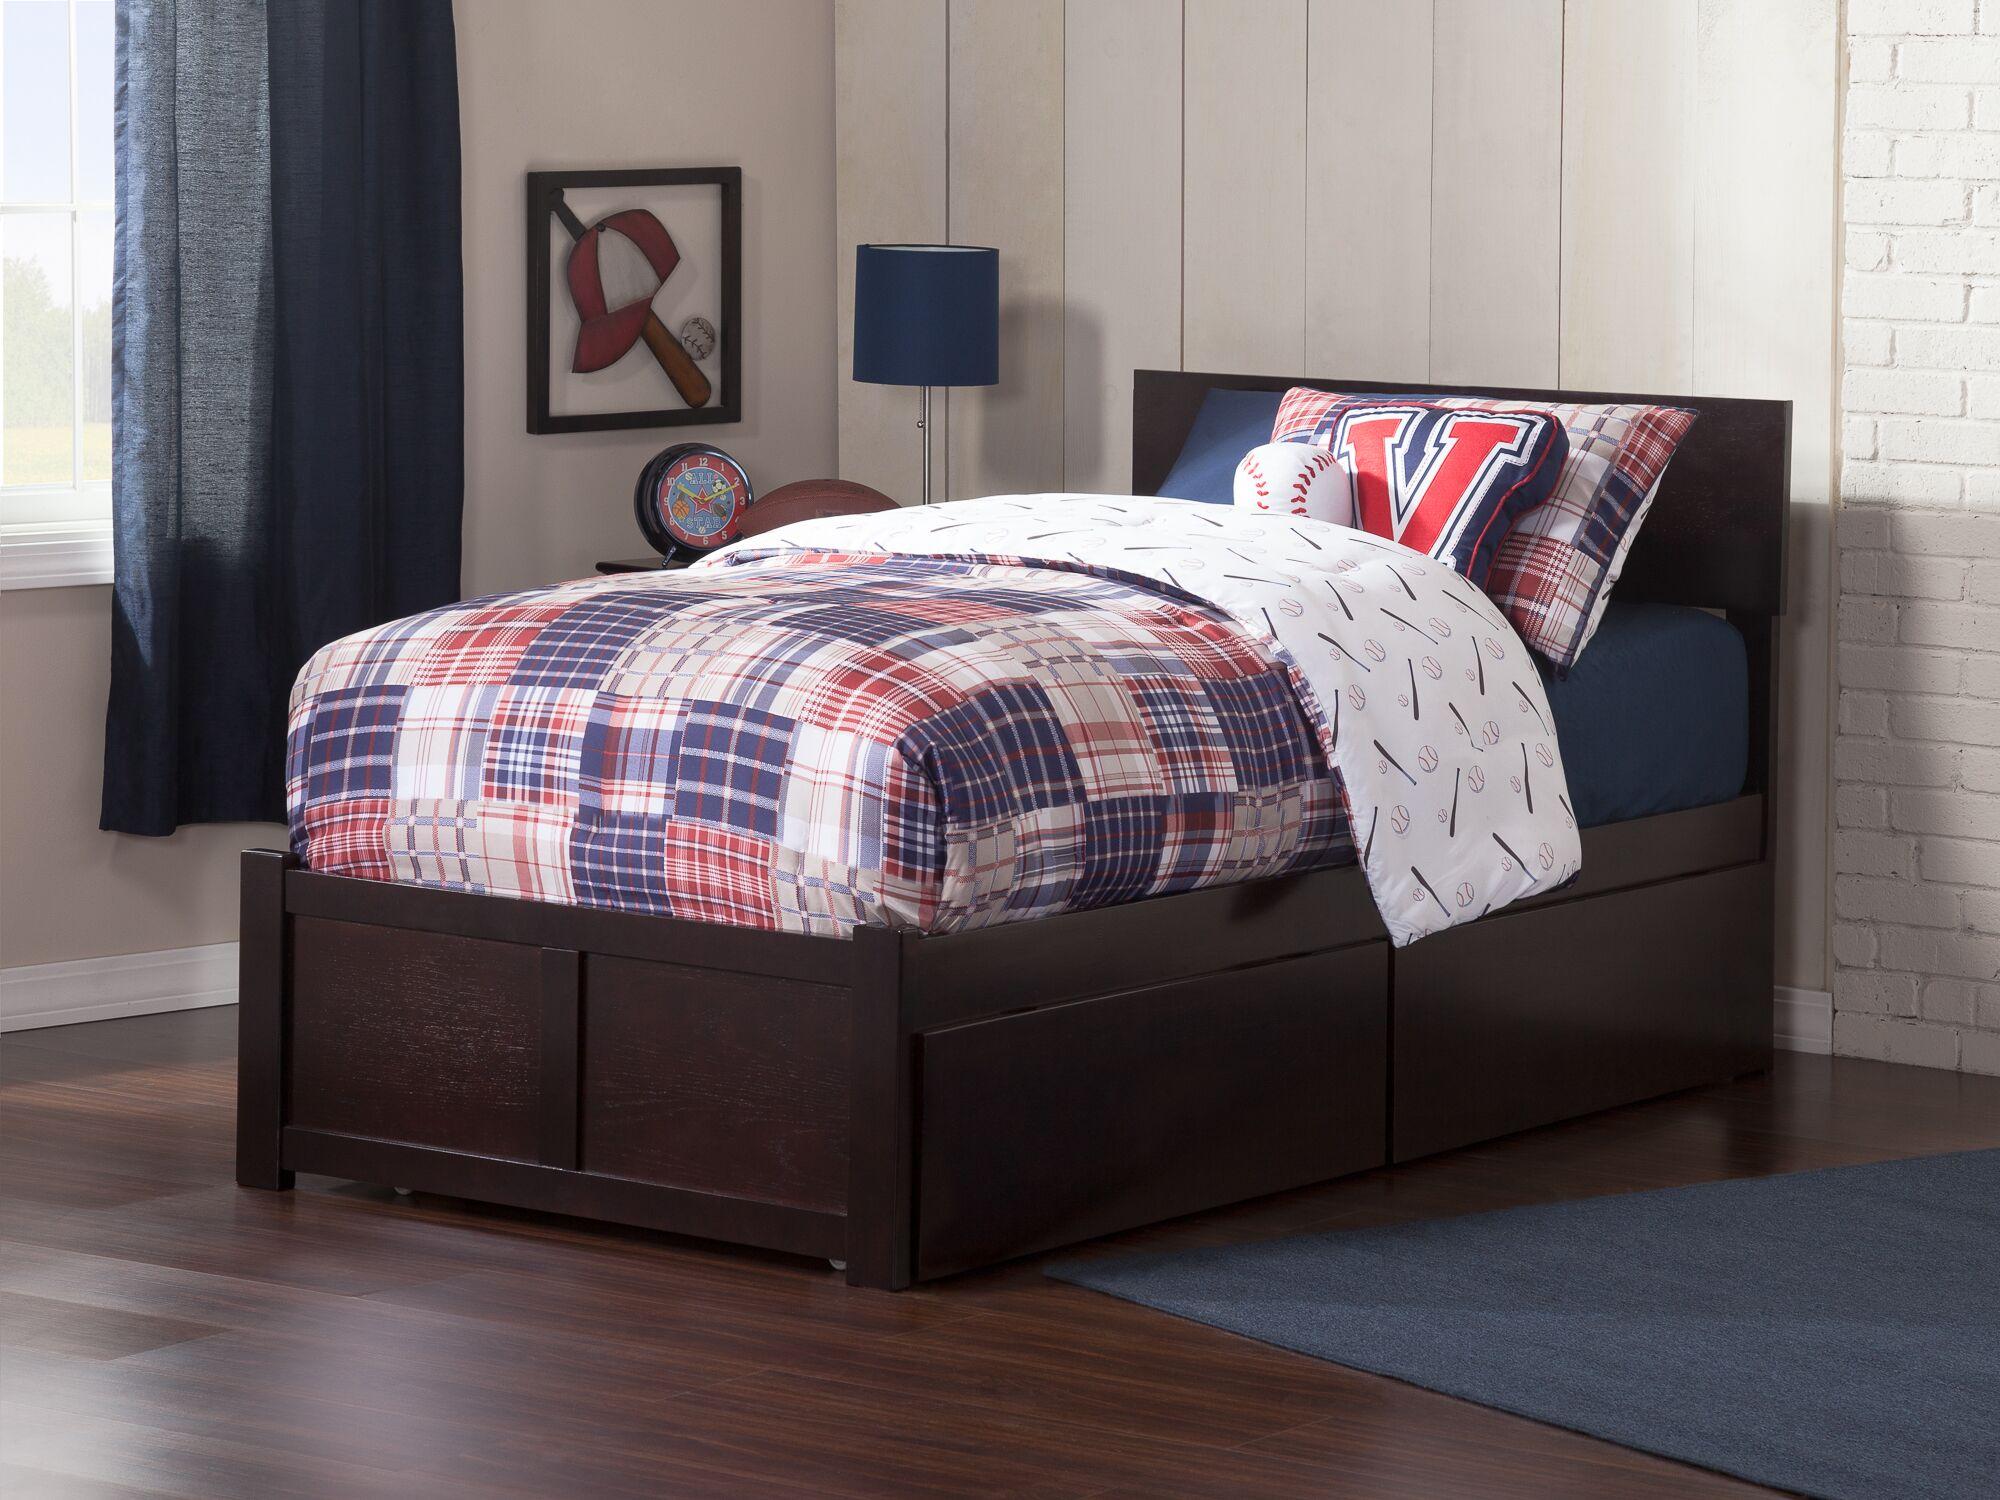 Wrington Storage Platform Bed Color: Espresso, Size: Full